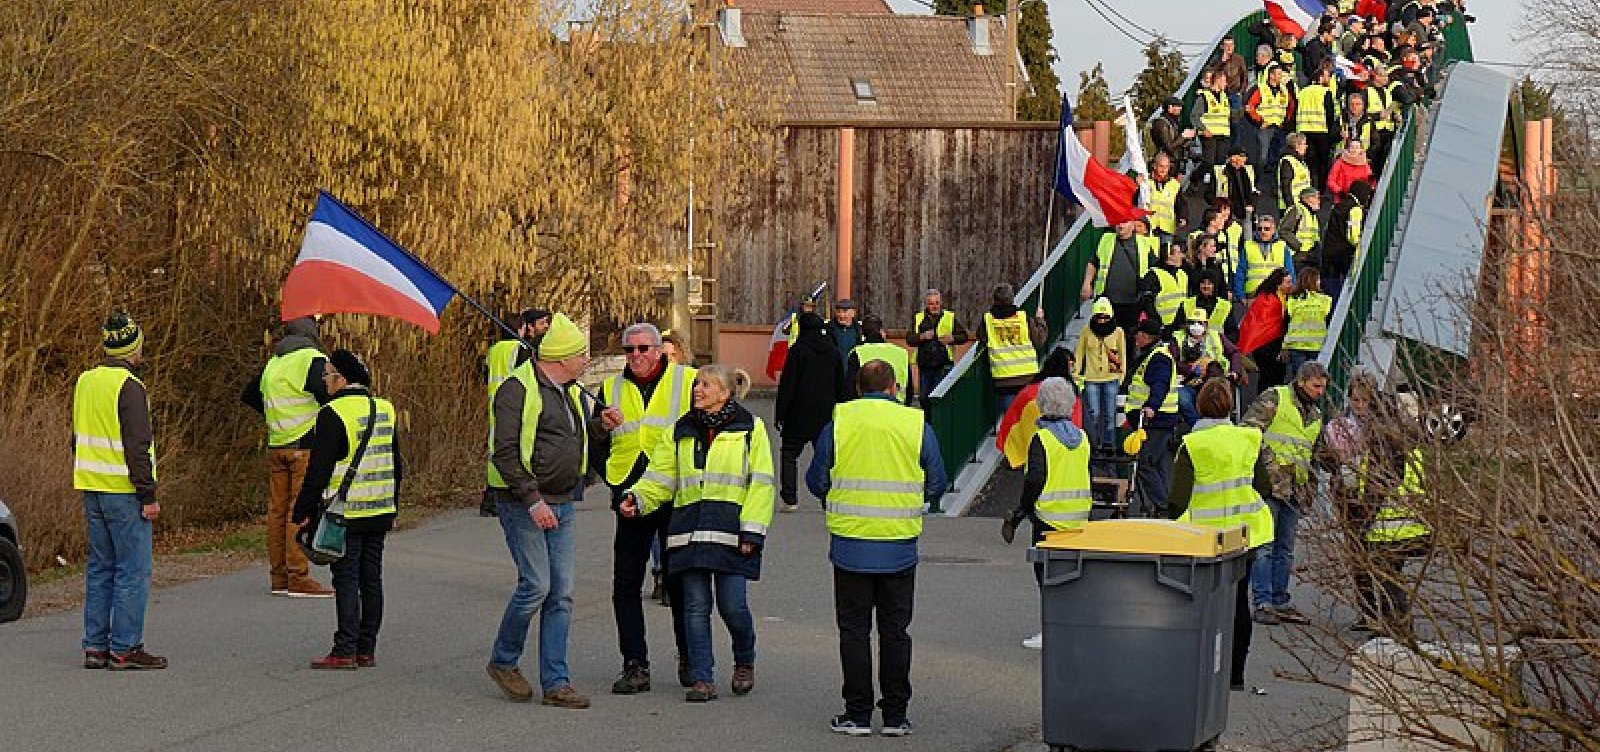 Coletes Amarelos: Mais de 220 pessoas são presas no 23º sábado de protestos